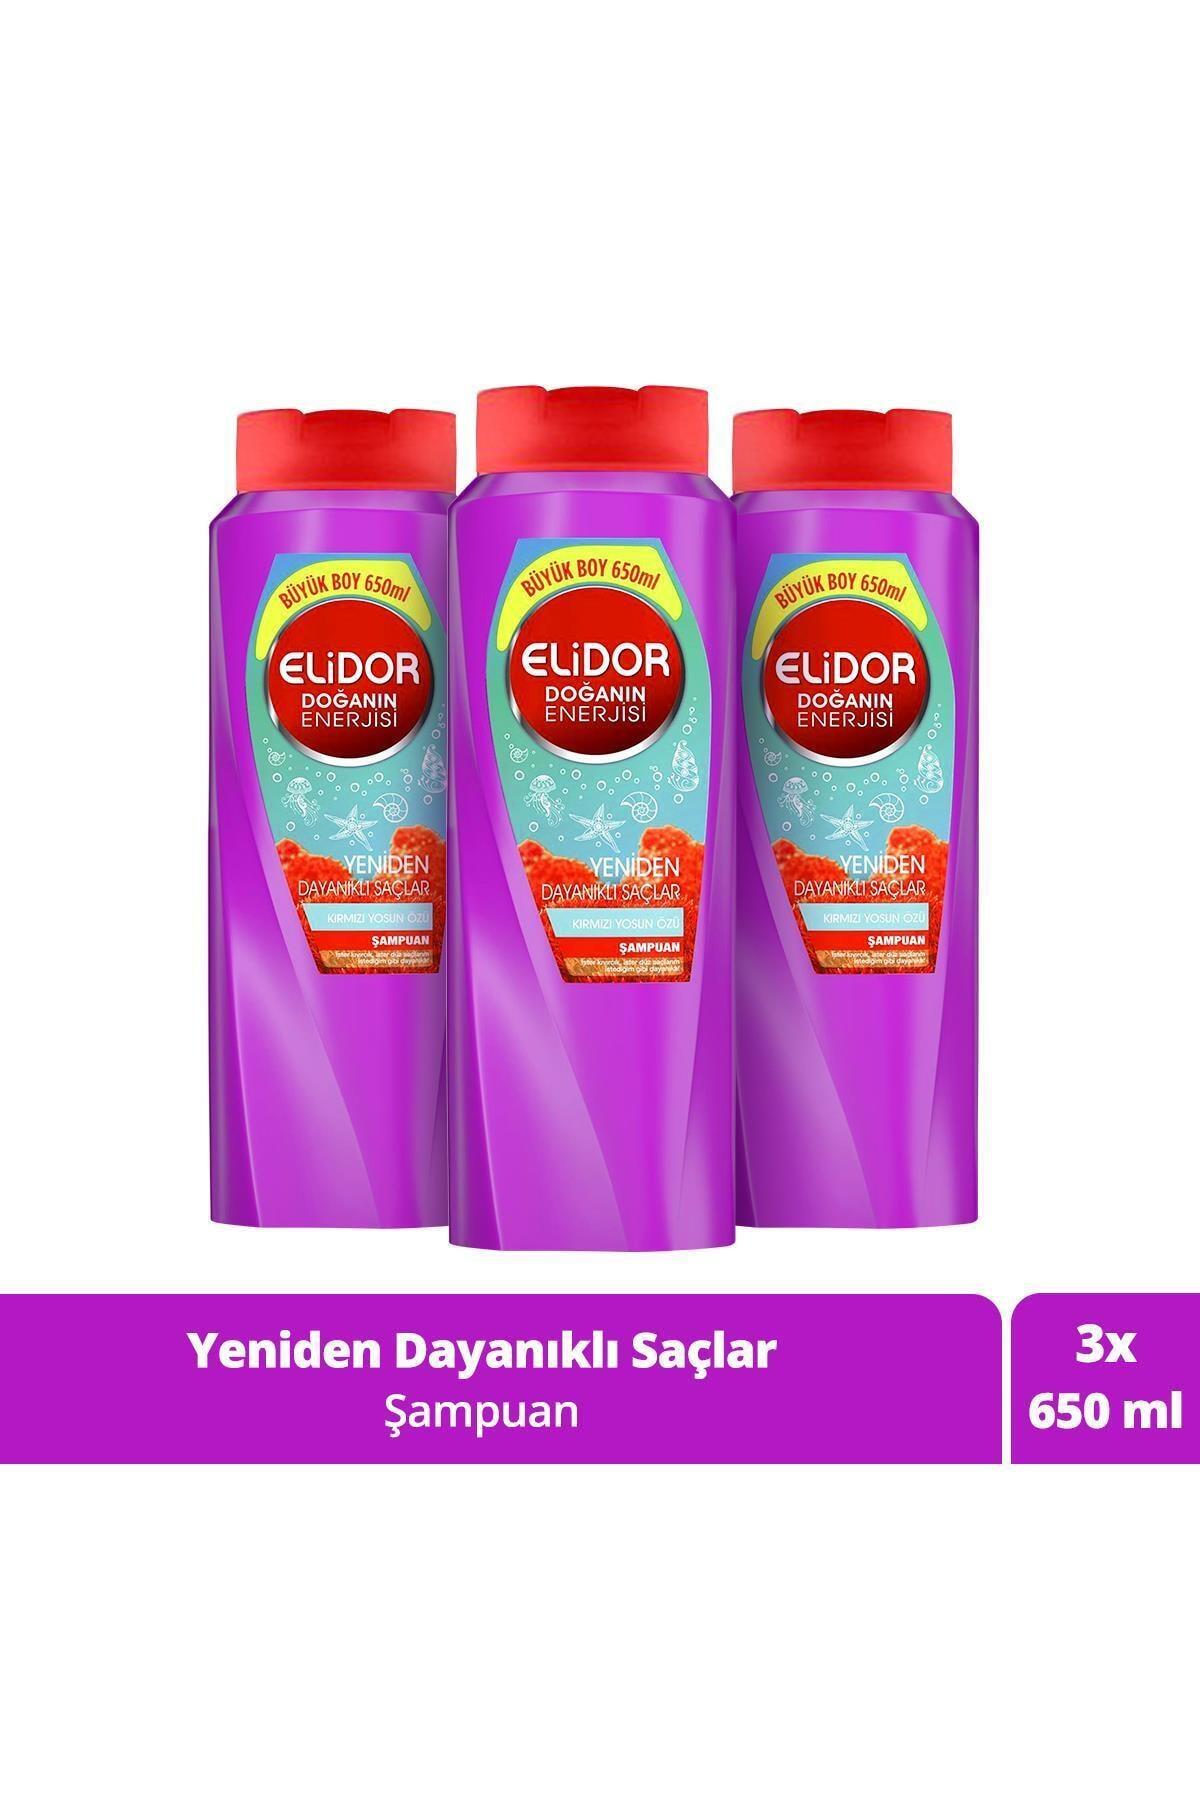 Elidor Doğanın Enerjisi Yeniden Dayanıklı Saçlar Kırmızı Yosun Özlü Saç Bakım Şampuanı 650 ml X3 1